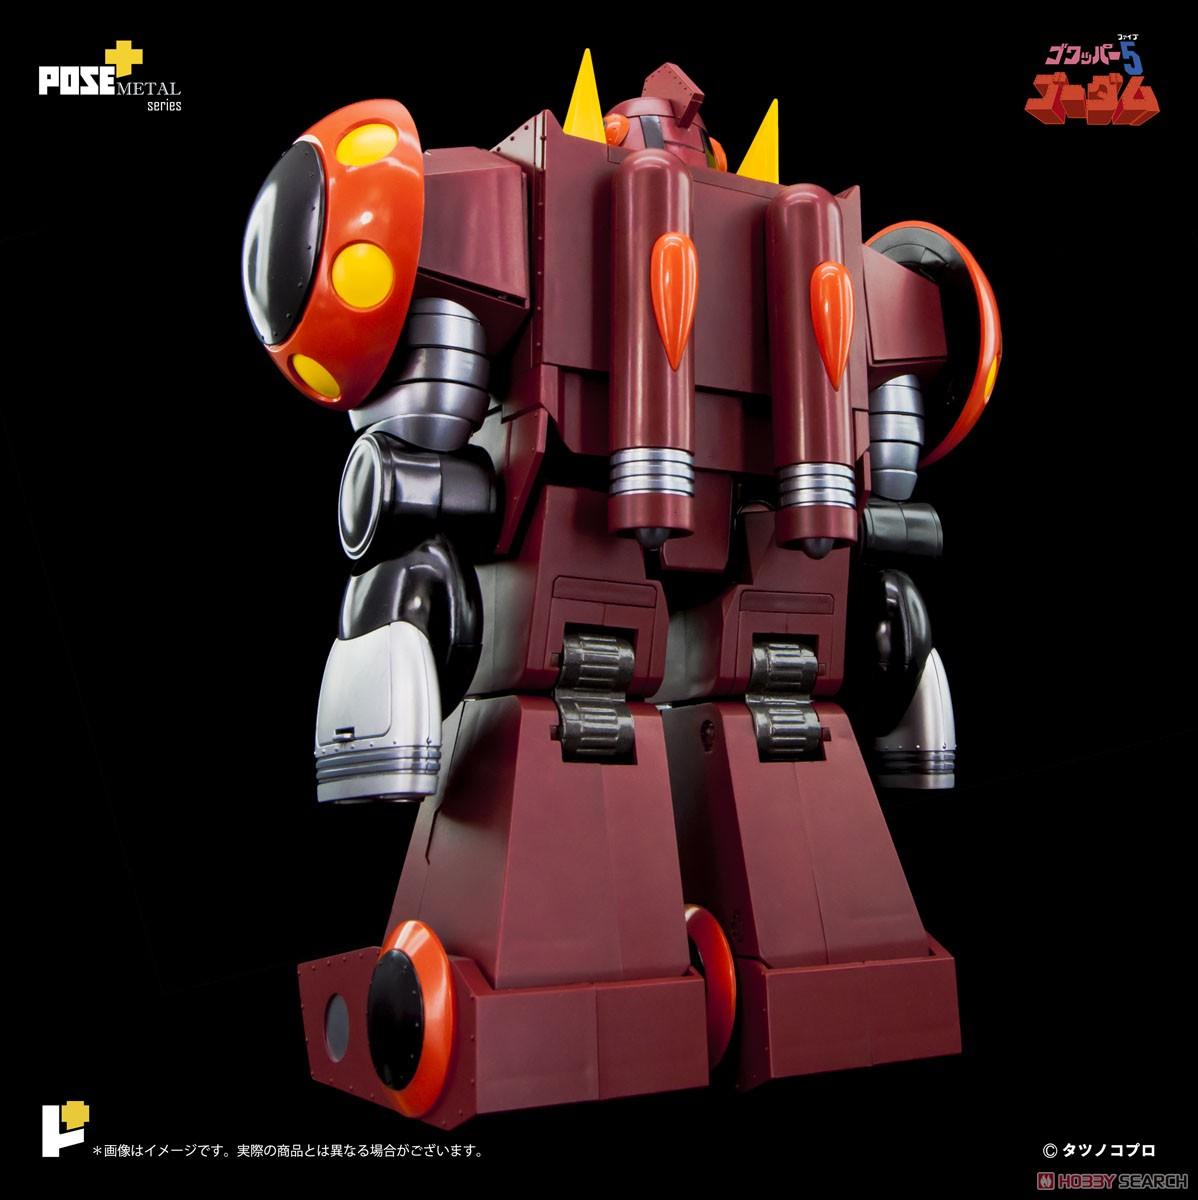 POSE+メタル『ゴワッパー5 ゴーダム』可動フィギュア-002